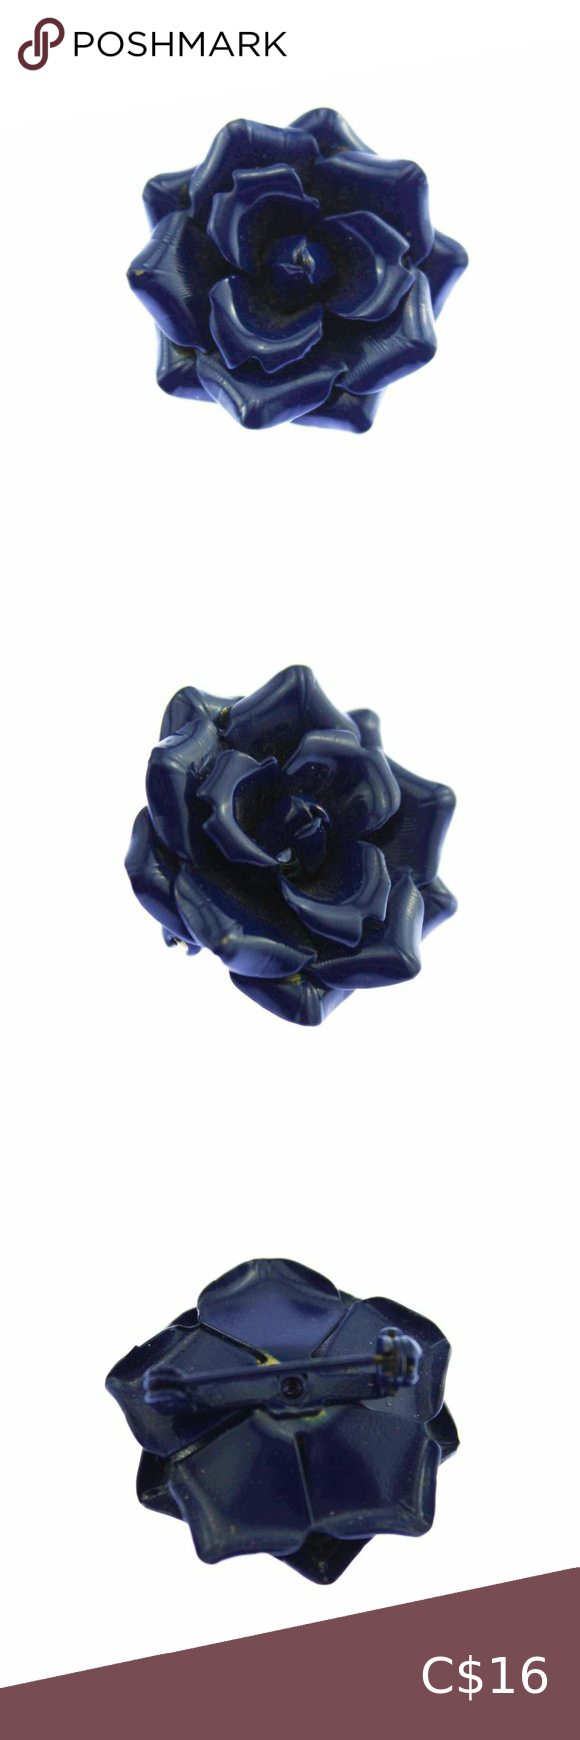 Vintage Blue Enamel Rose Brooch Vintage Brooch Jewelry Enamel Flower Brooch